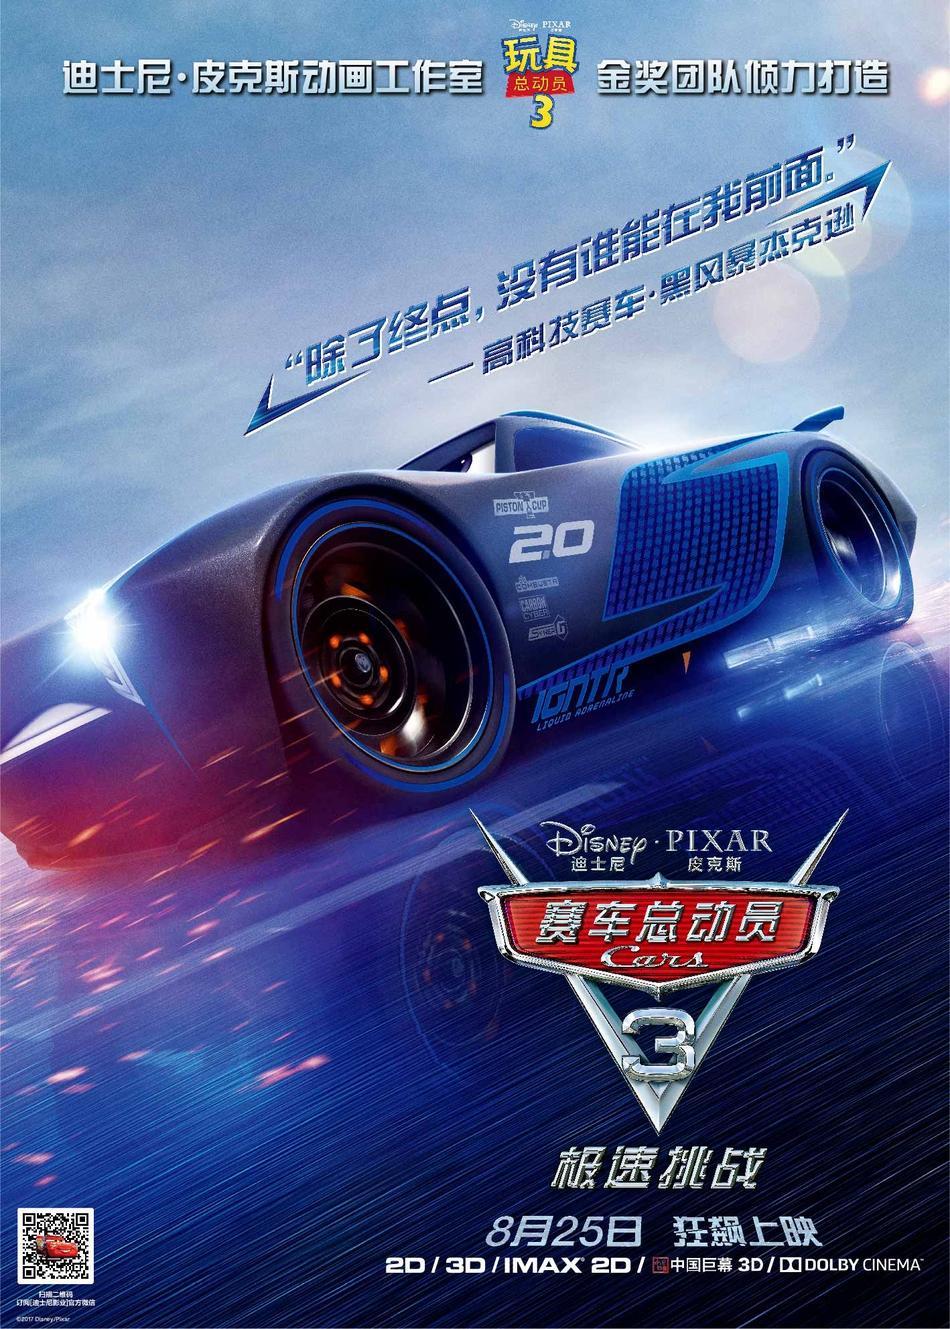 组图:《赛车总动员3》曝最新海报 黄色赛车成焦点